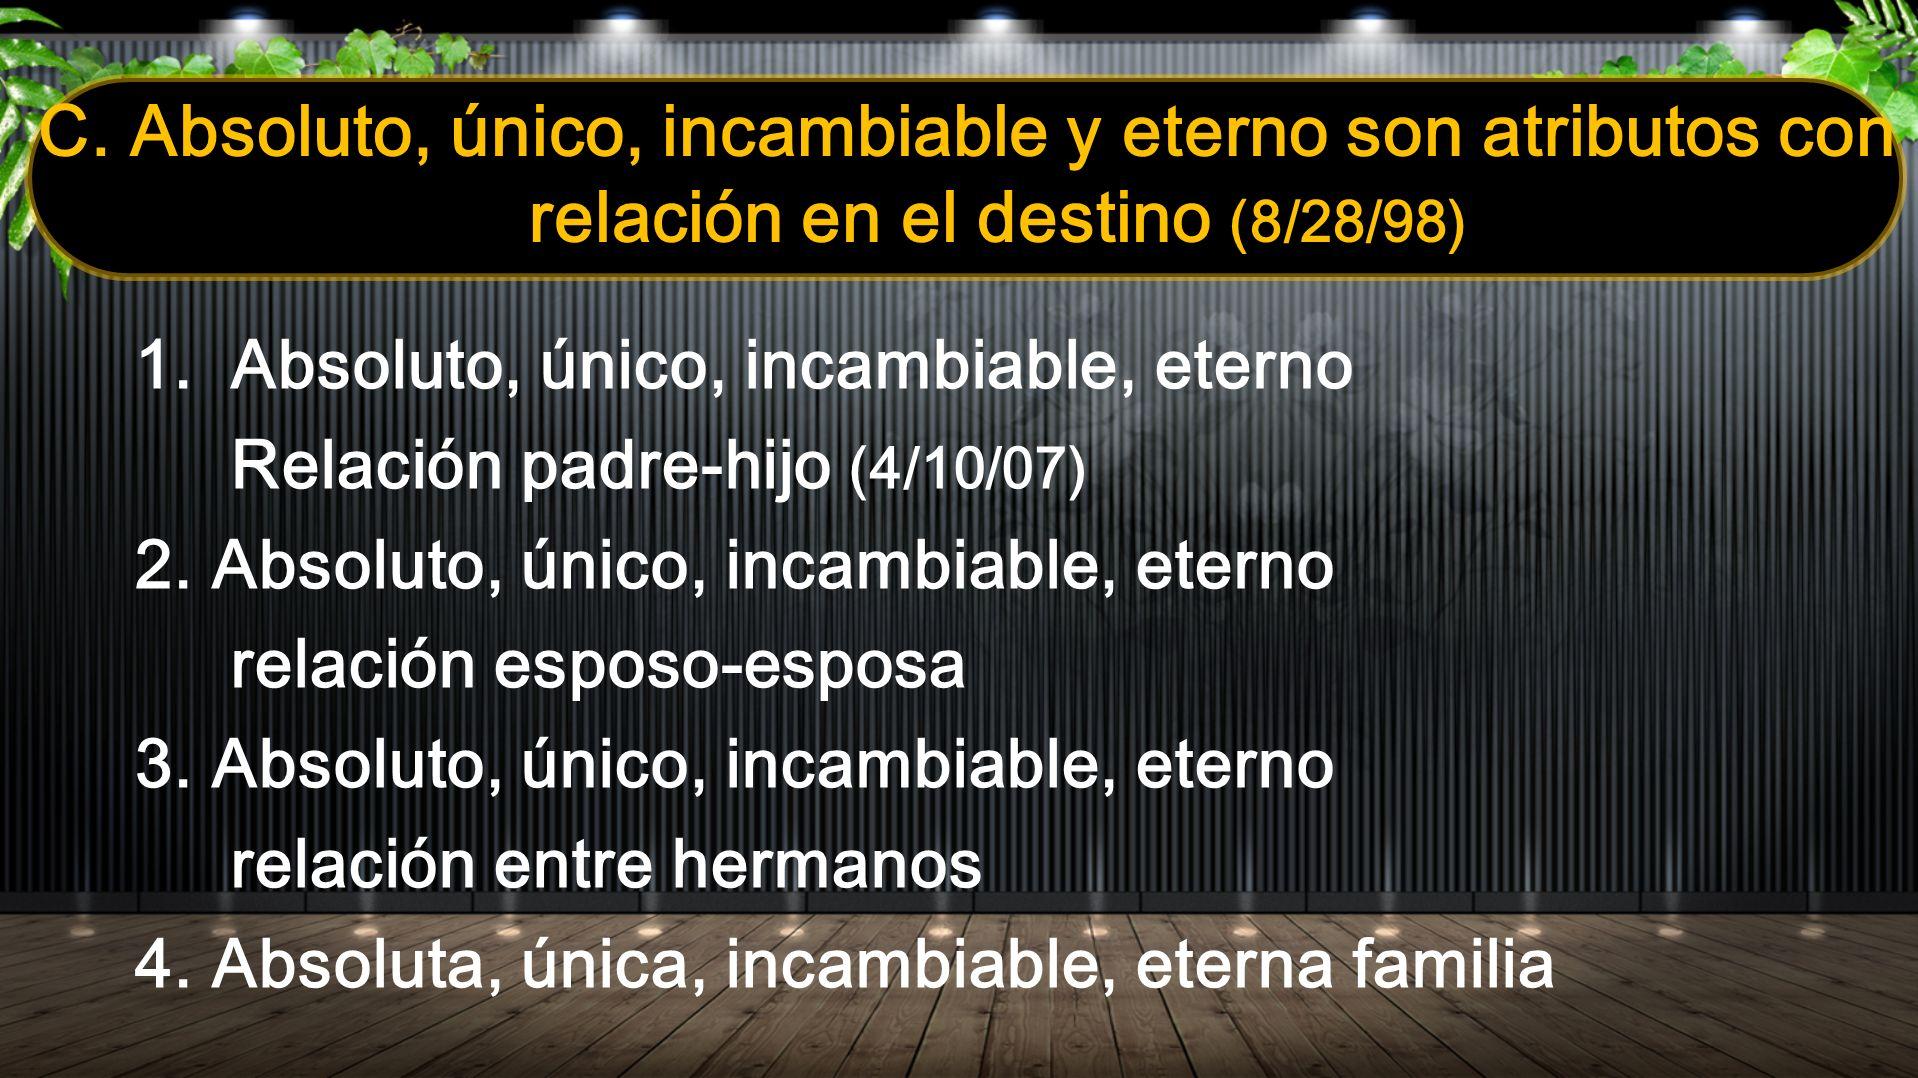 C. Absoluto, único, incambiable y eterno son atributos con relación en el destino (8/28/98)